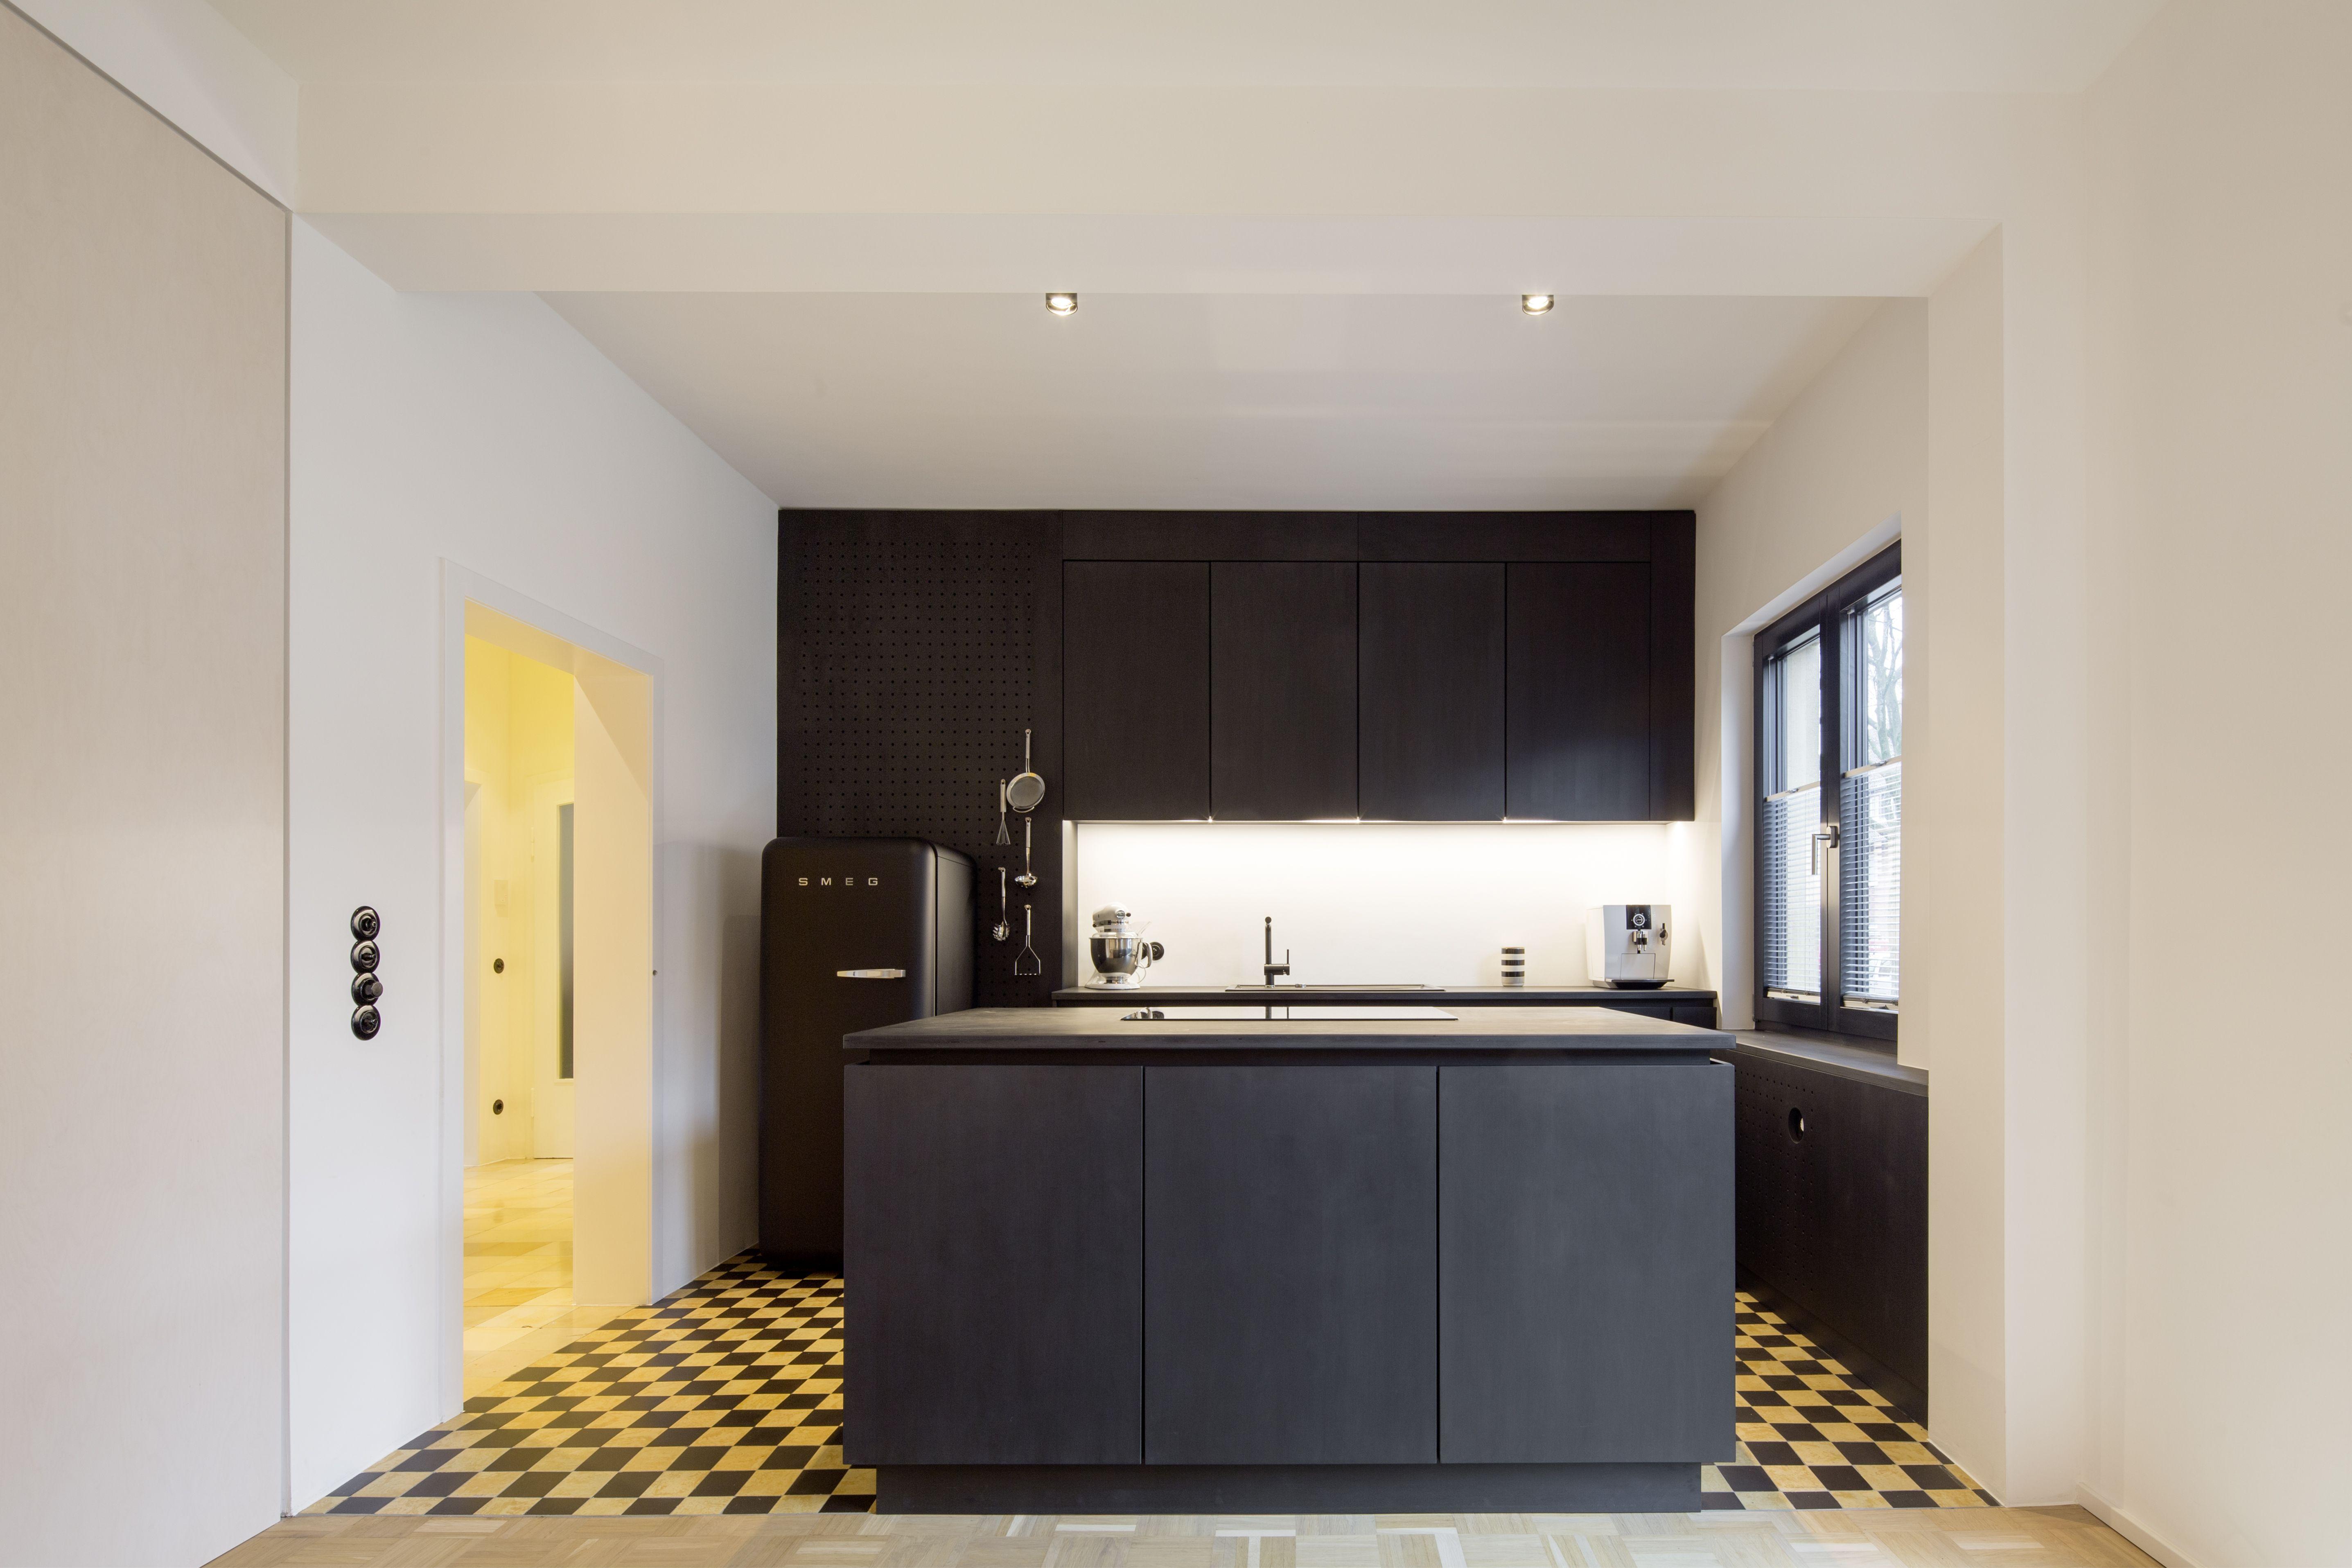 IFUB * Wohnung M * Altbauwohnung * Sanierung Und Zusammenlegung | Cuisine |  Pinterest | Altbauwohnung, Sanierung Und Küche